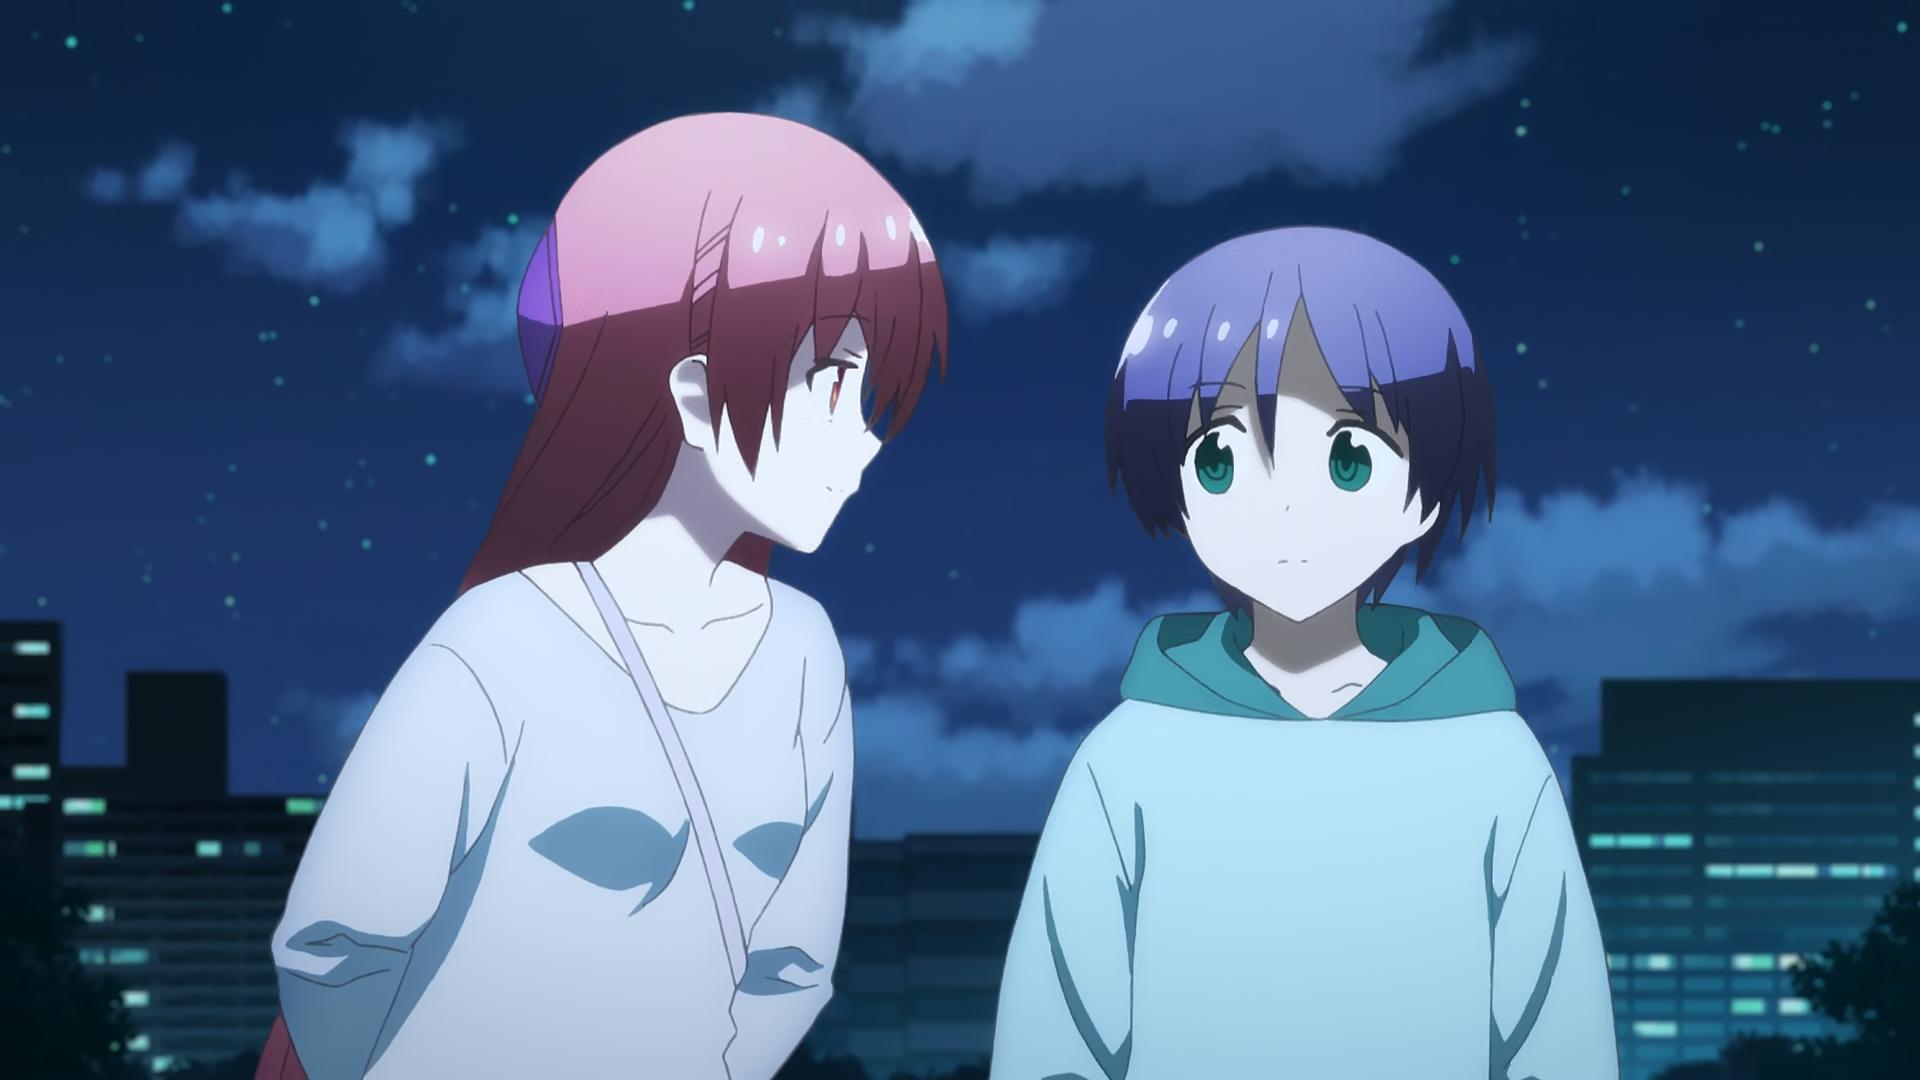 Tsukasa y Nasa son como una pareja, TONIKAWA